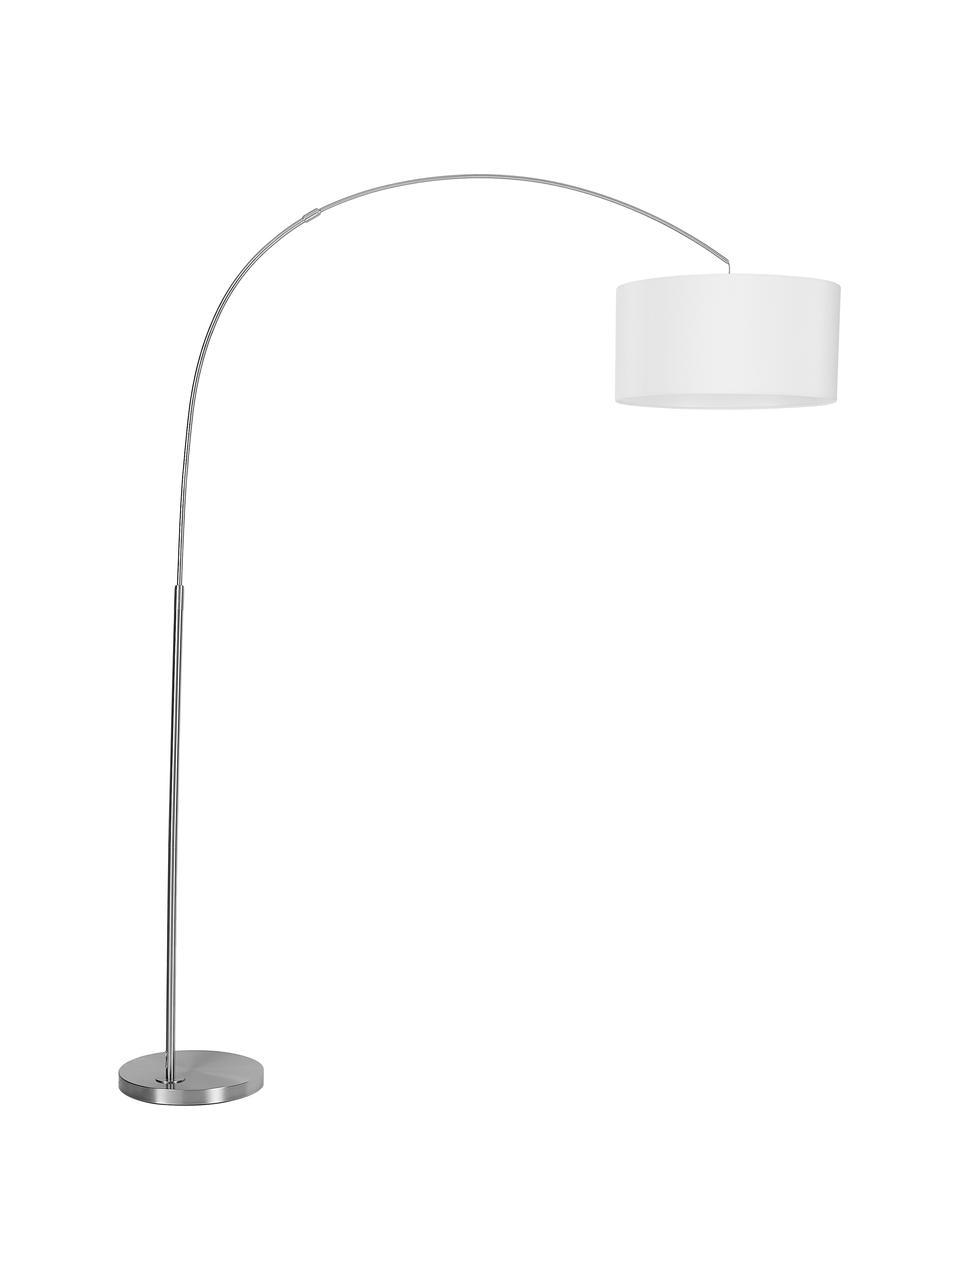 Lampada ad arco moderna Niels, Paralume: miscela di cotone, Base della lampada: metallo spazzolato, Paralume: bianco Base della lampada: cromo Cavo: trasparente, Larg. 157 x Alt. 218 cm